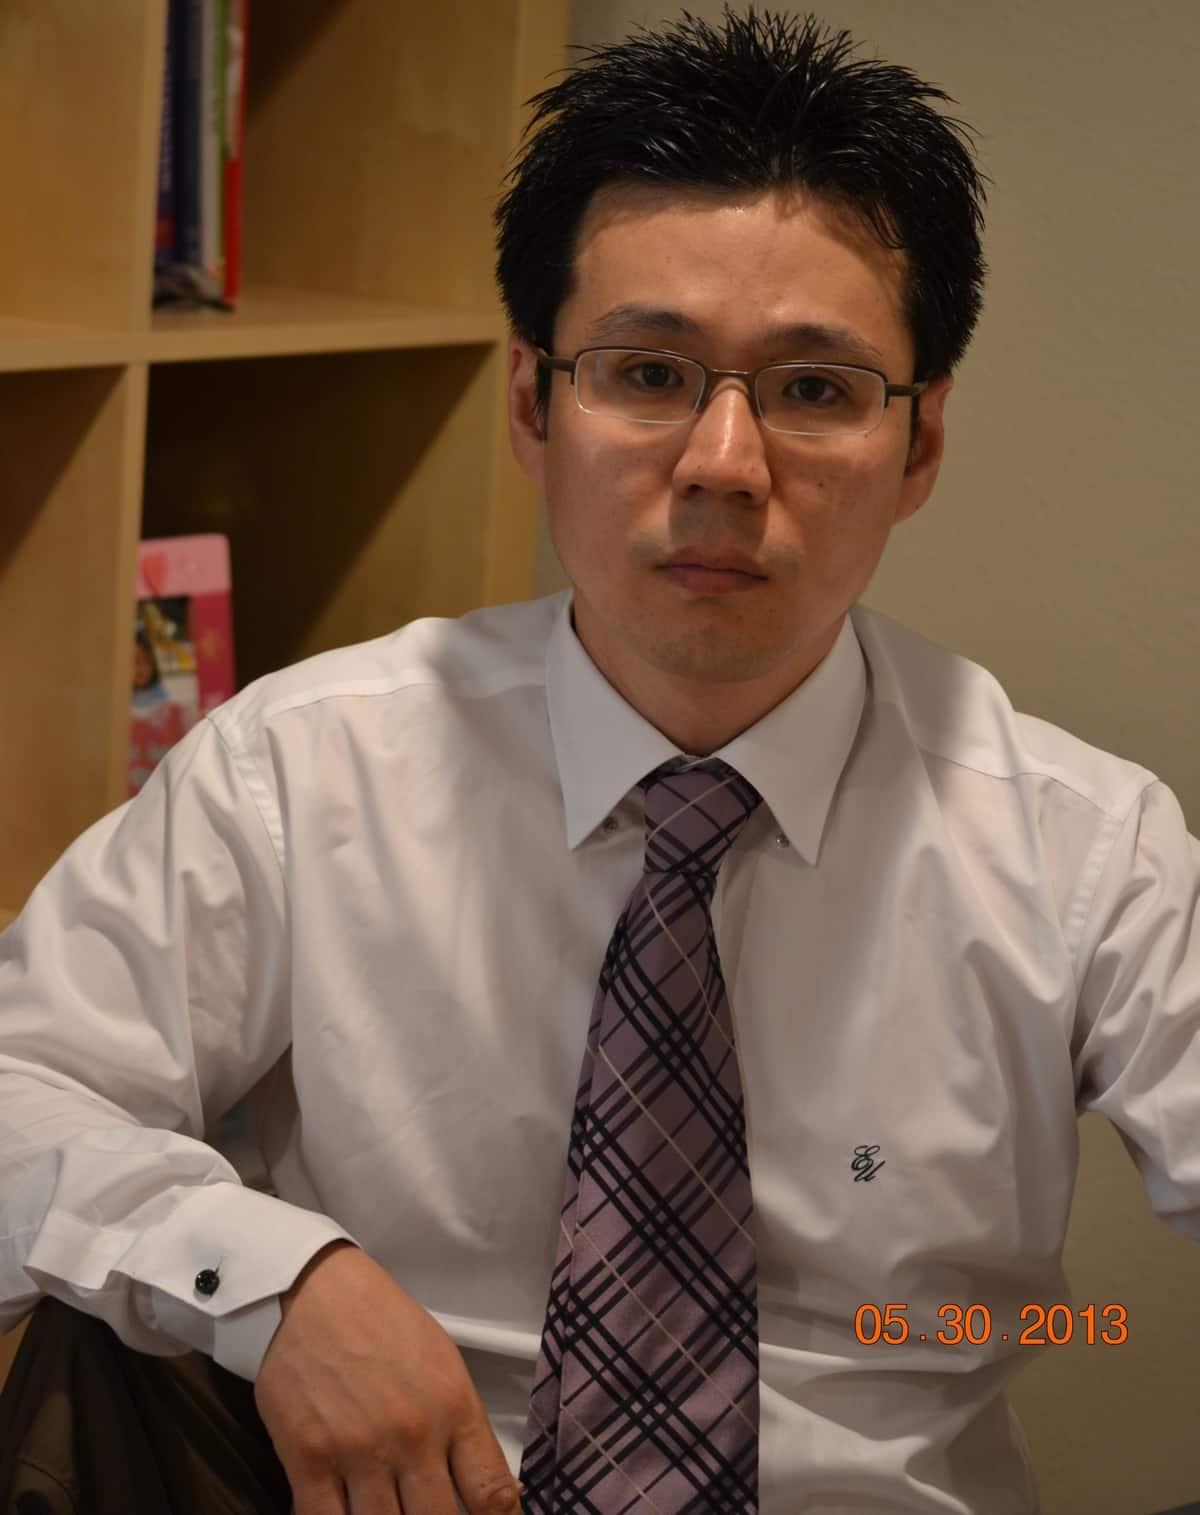 Sung-wan Kang